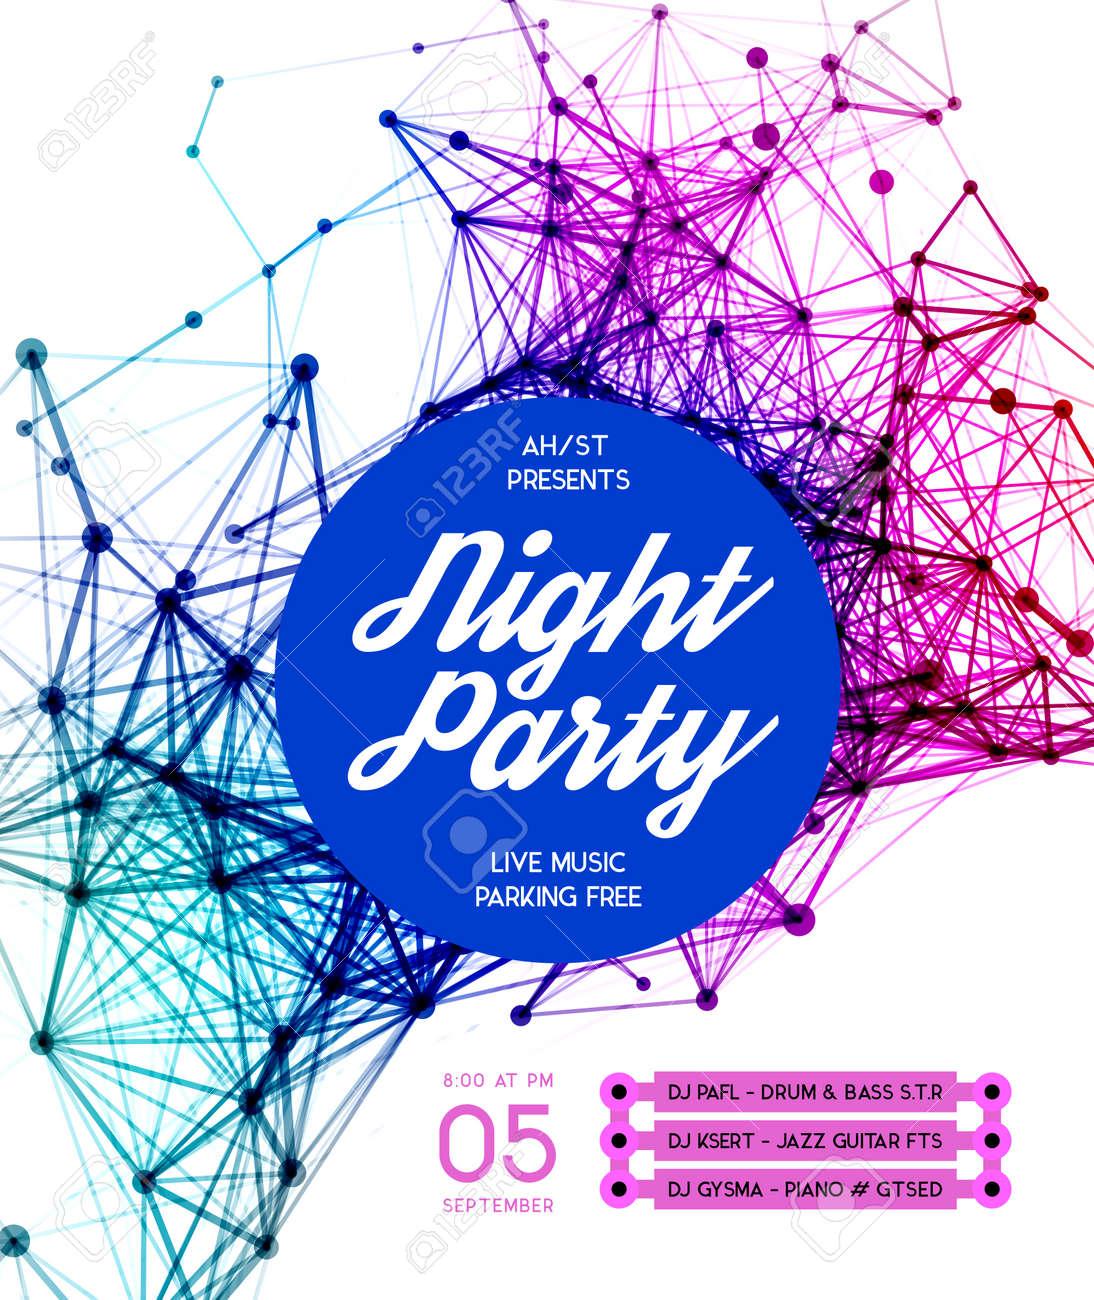 Noche Disco Party Plantilla Del Cartel De Fondo - Ilustración ...